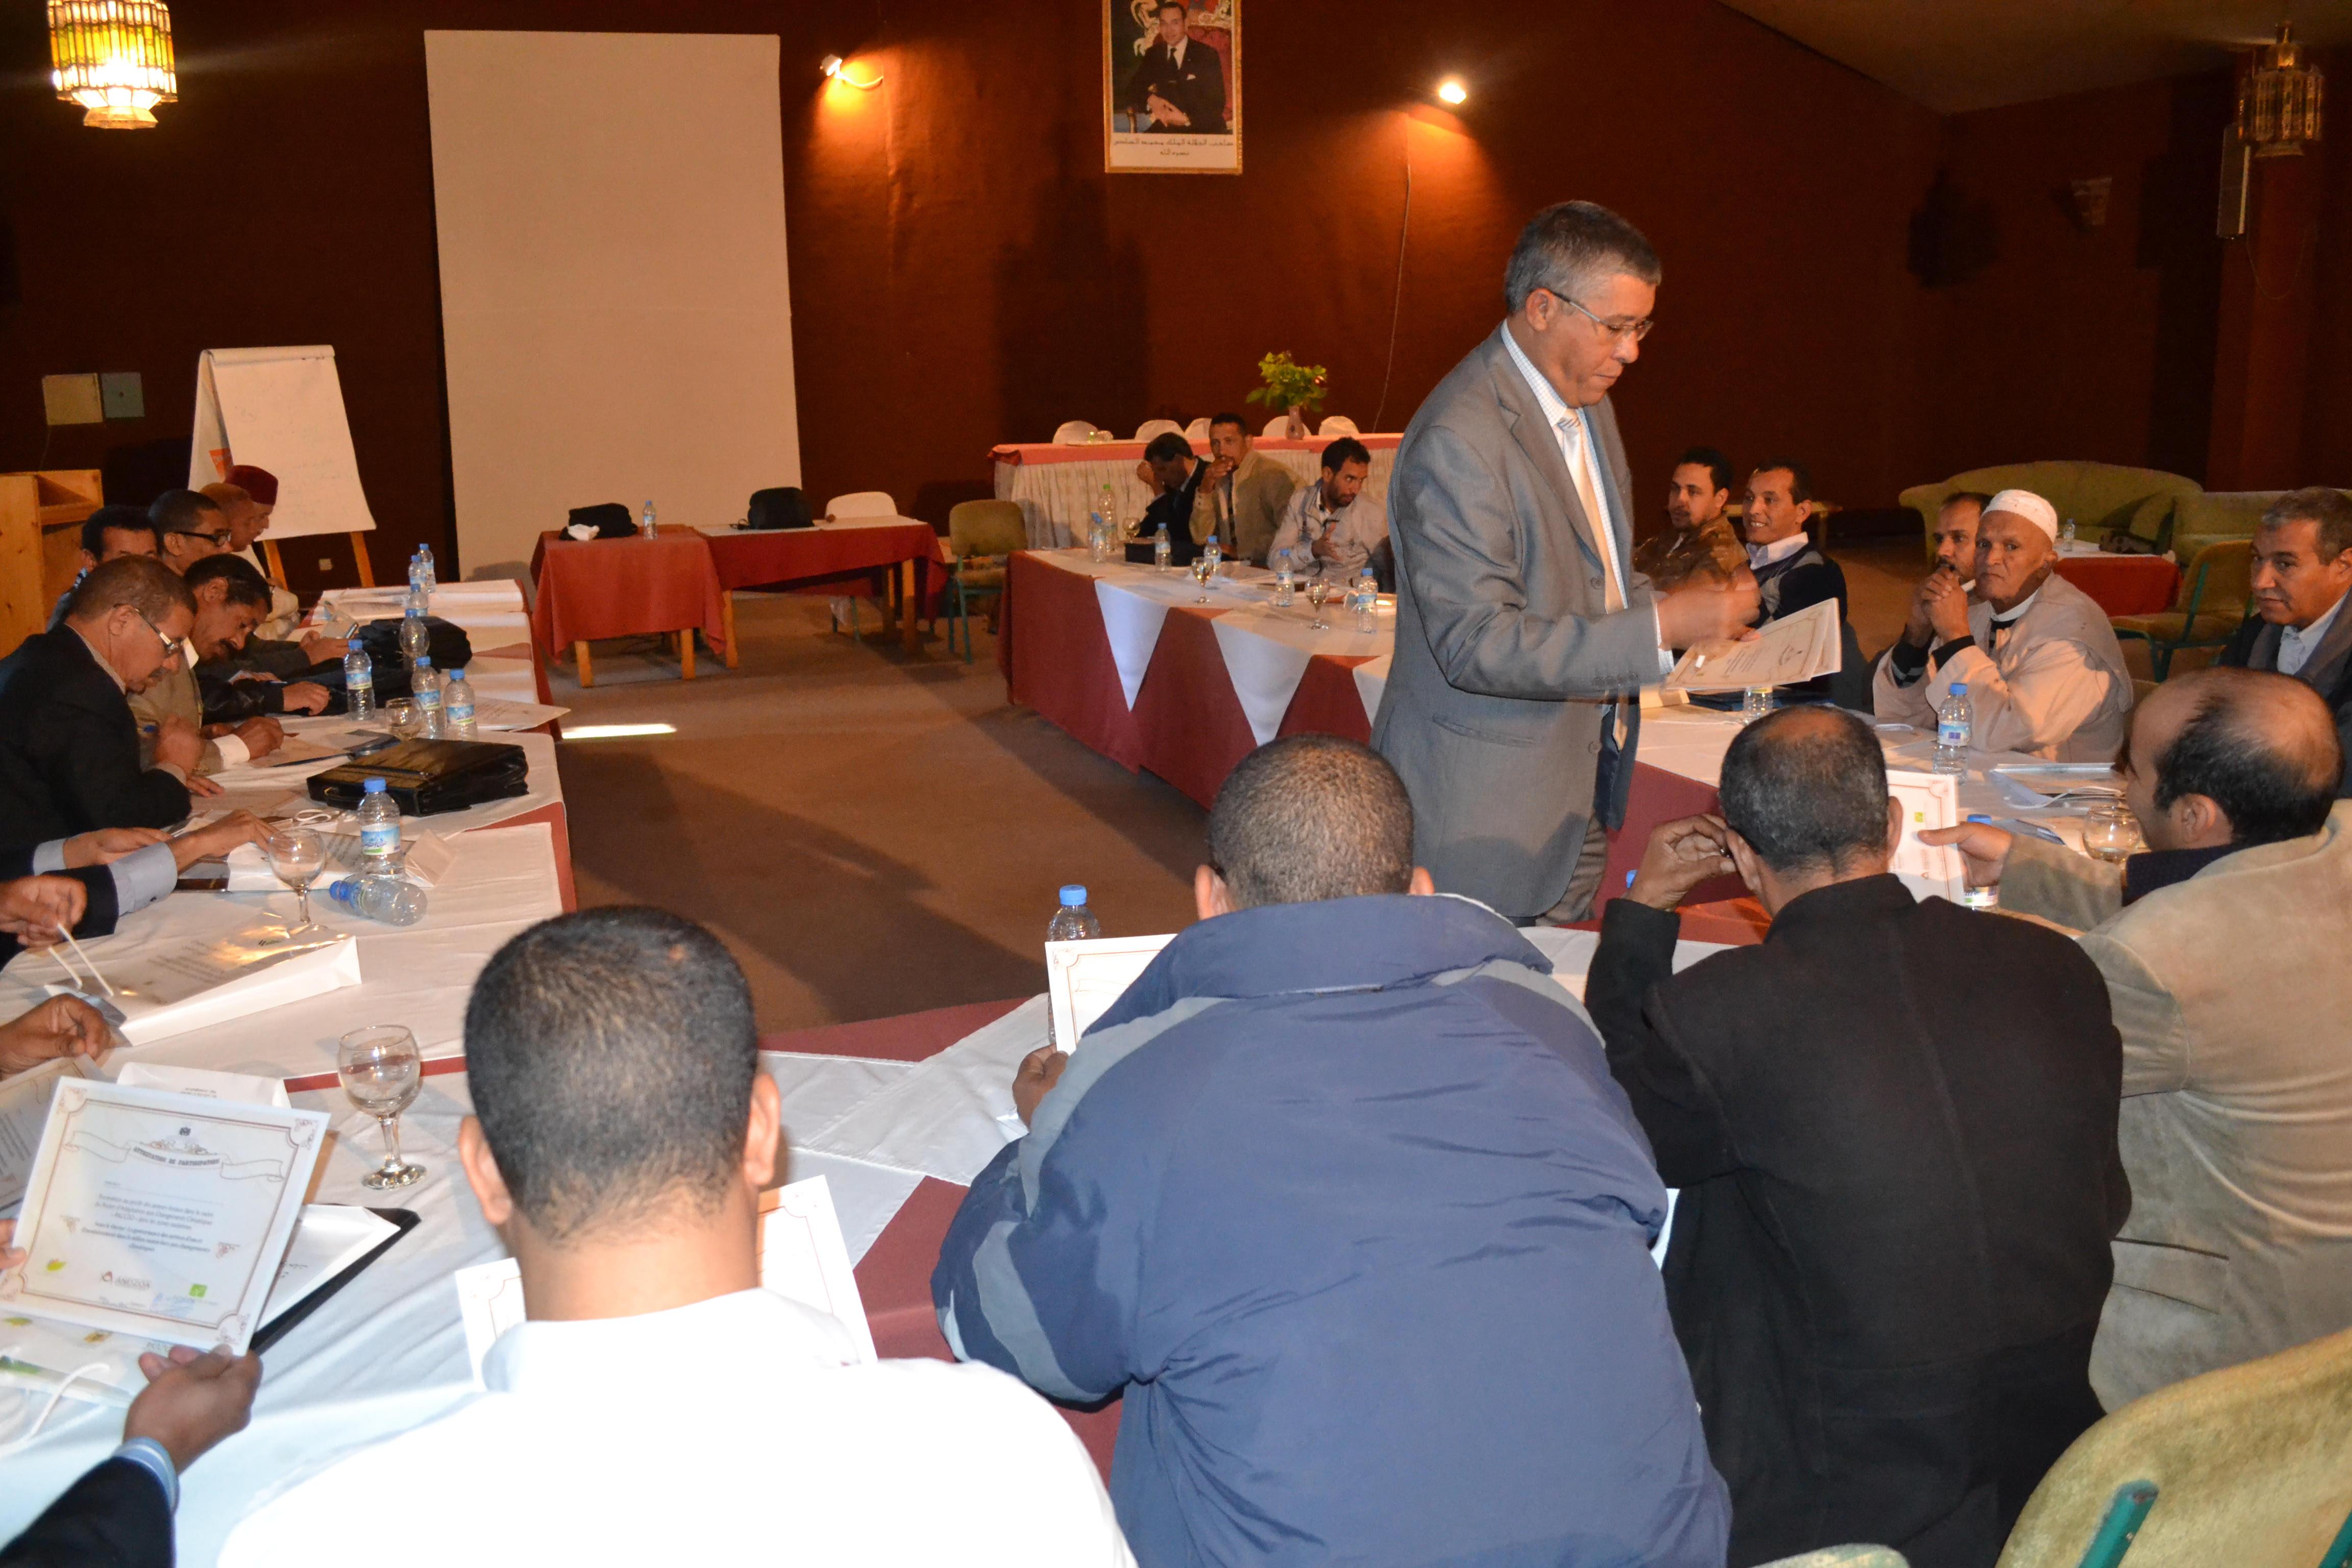 الوكالة الوطنية لتنمية مناطق الواحات وشجر الاركان تتفاعل مع كوب 22